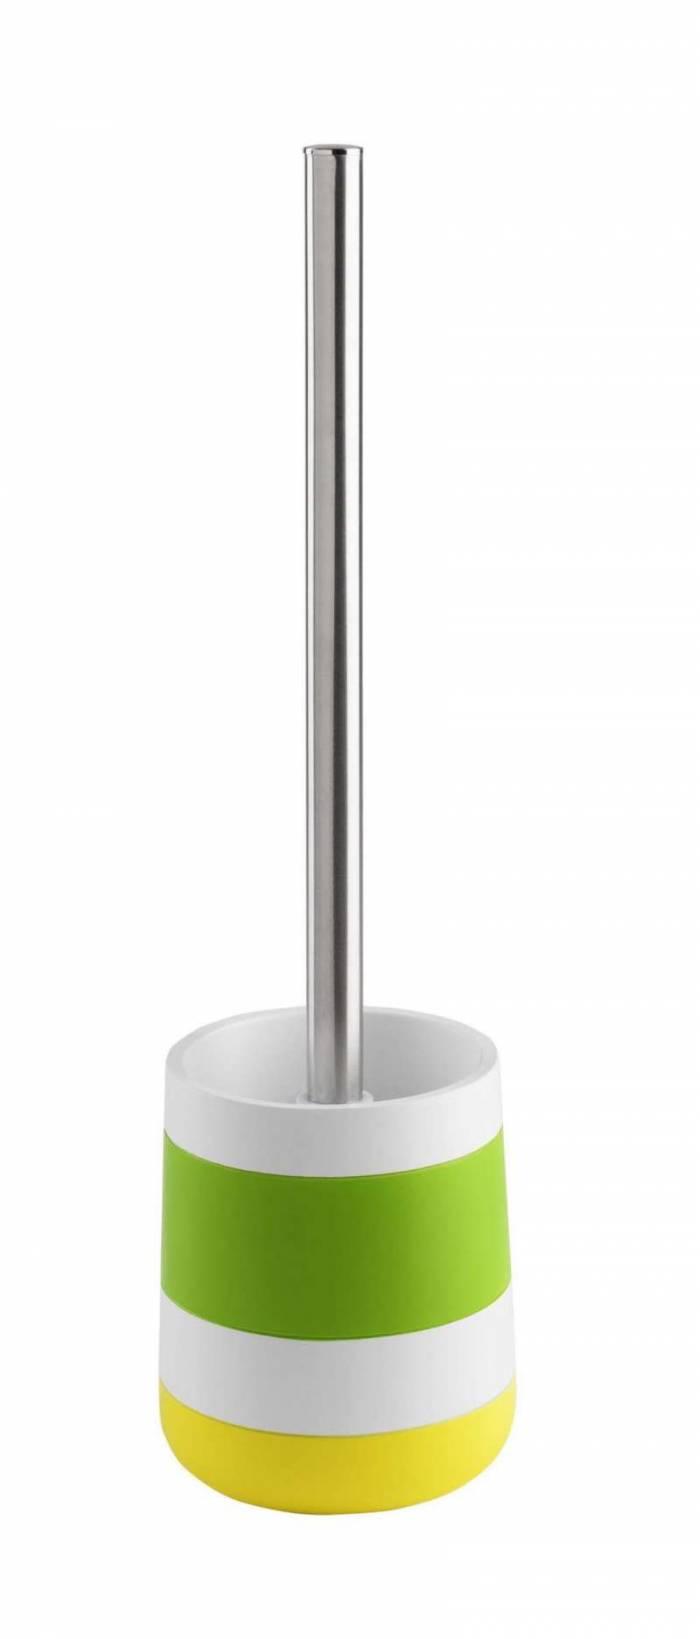 Perie de toaletă Hoop, 37x10x10 cm, rășină/ metal, multicolor